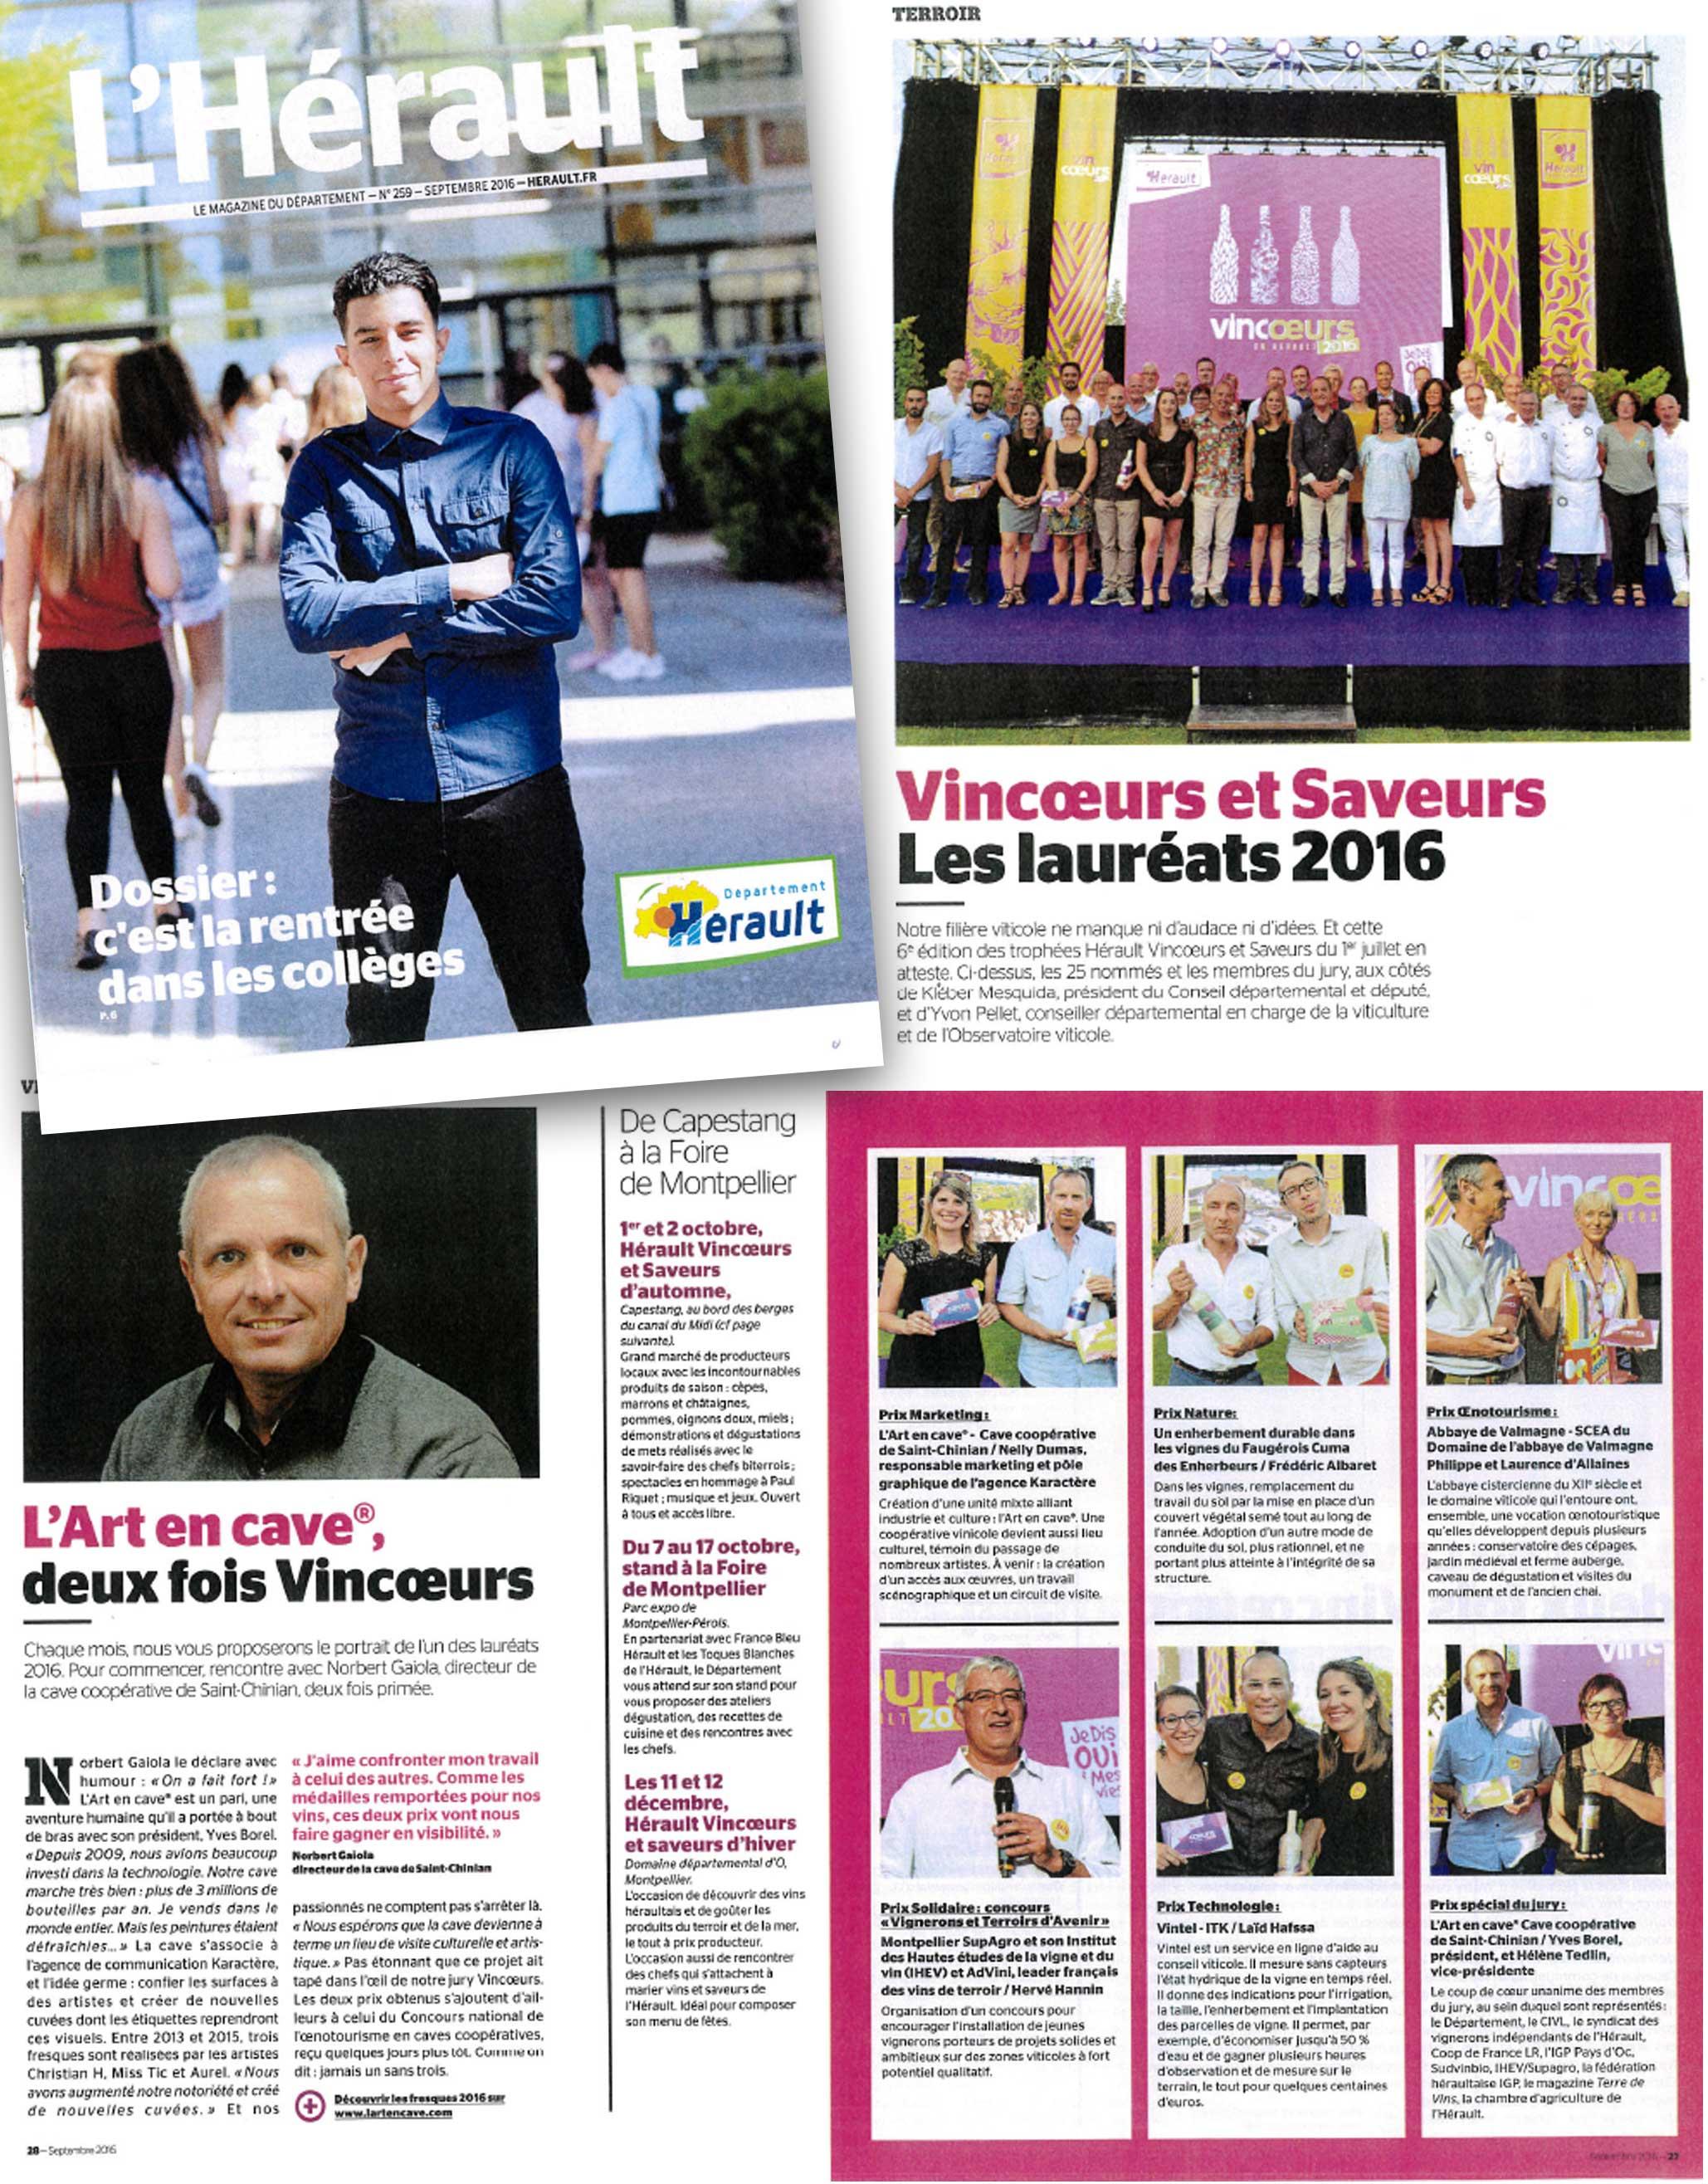 1609-lherault-vincoeurs-et-saveurs-les-laureats-2016-4